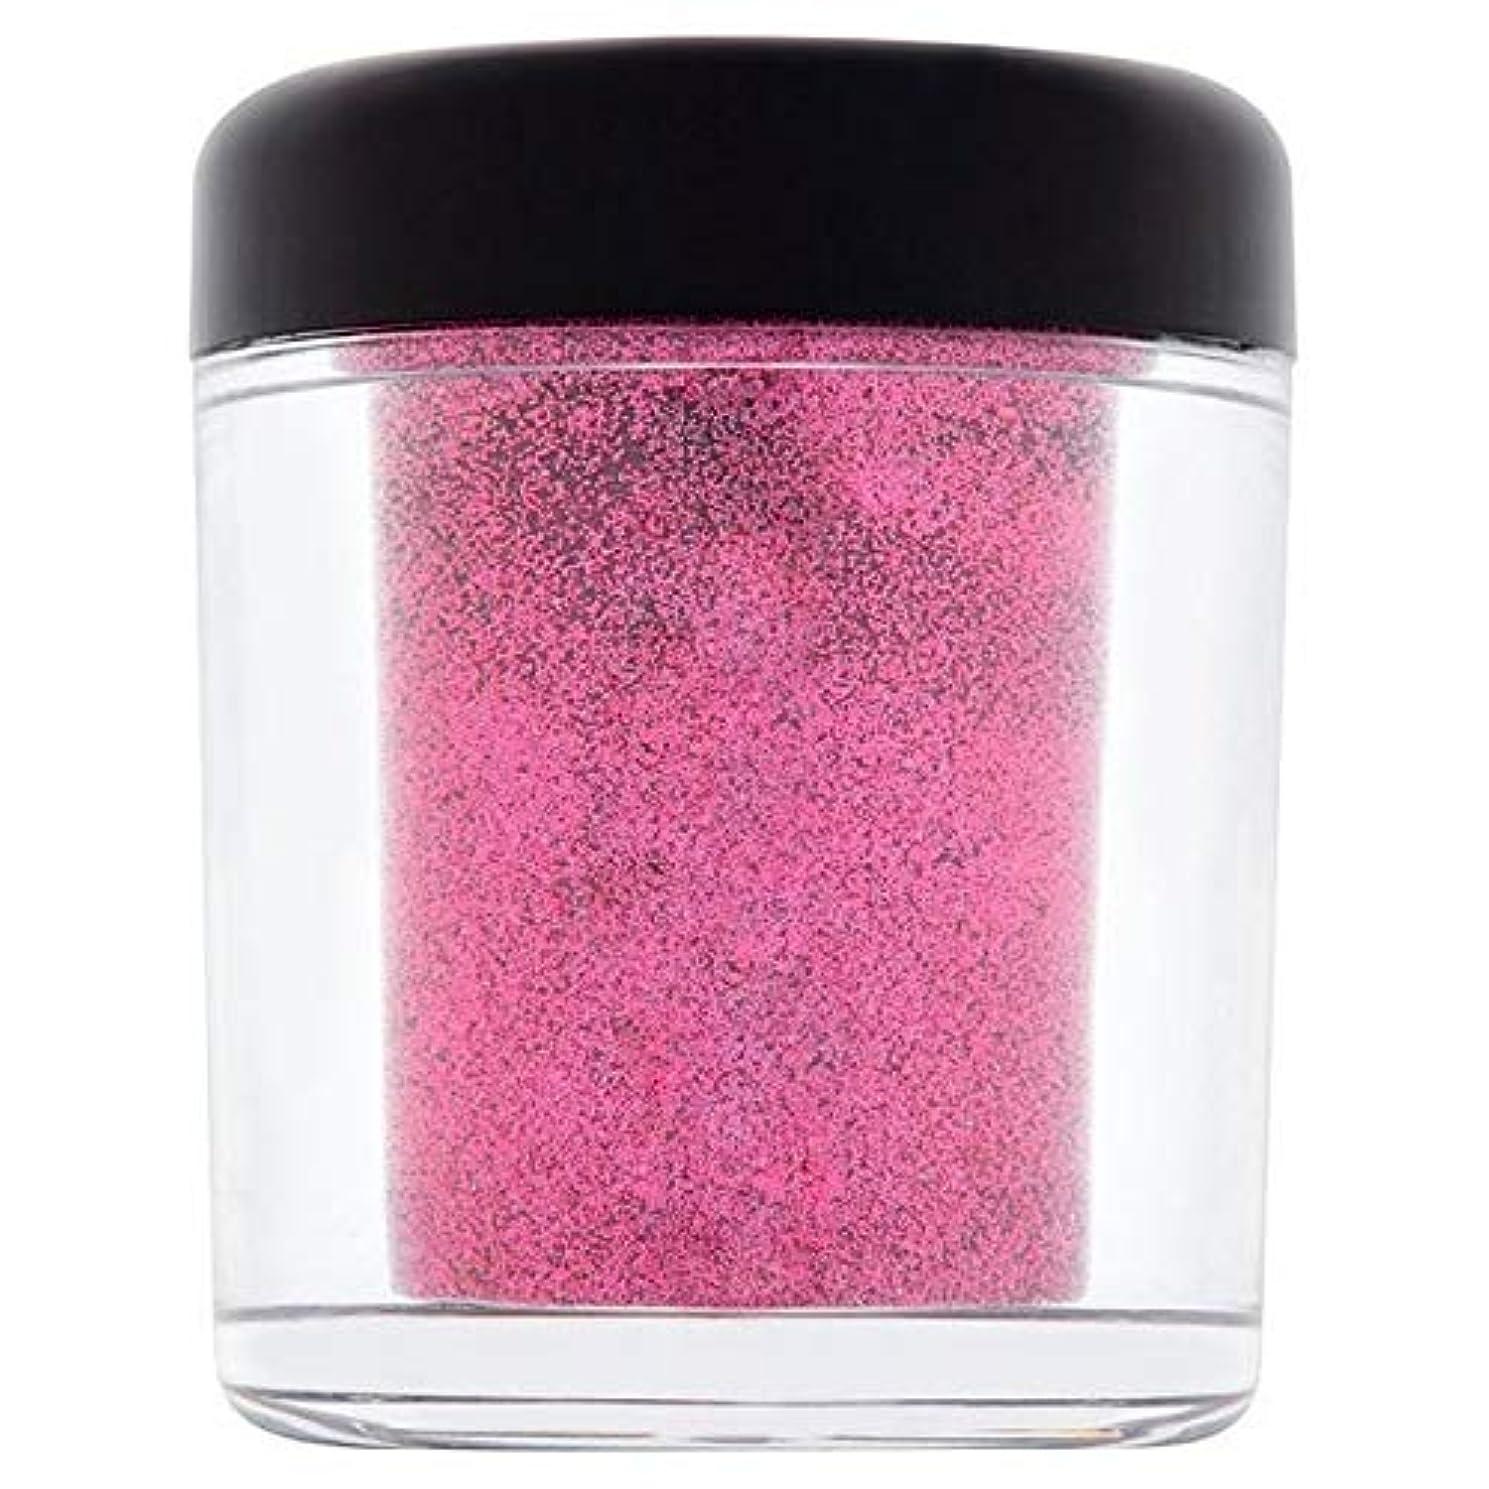 進化するとらえどころのない野望[Collection ] 収集グラムの結晶フェイス&ボディグリッター誘惑4 - Collection Glam Crystals Face & Body Glitter Temptation 4 [並行輸入品]